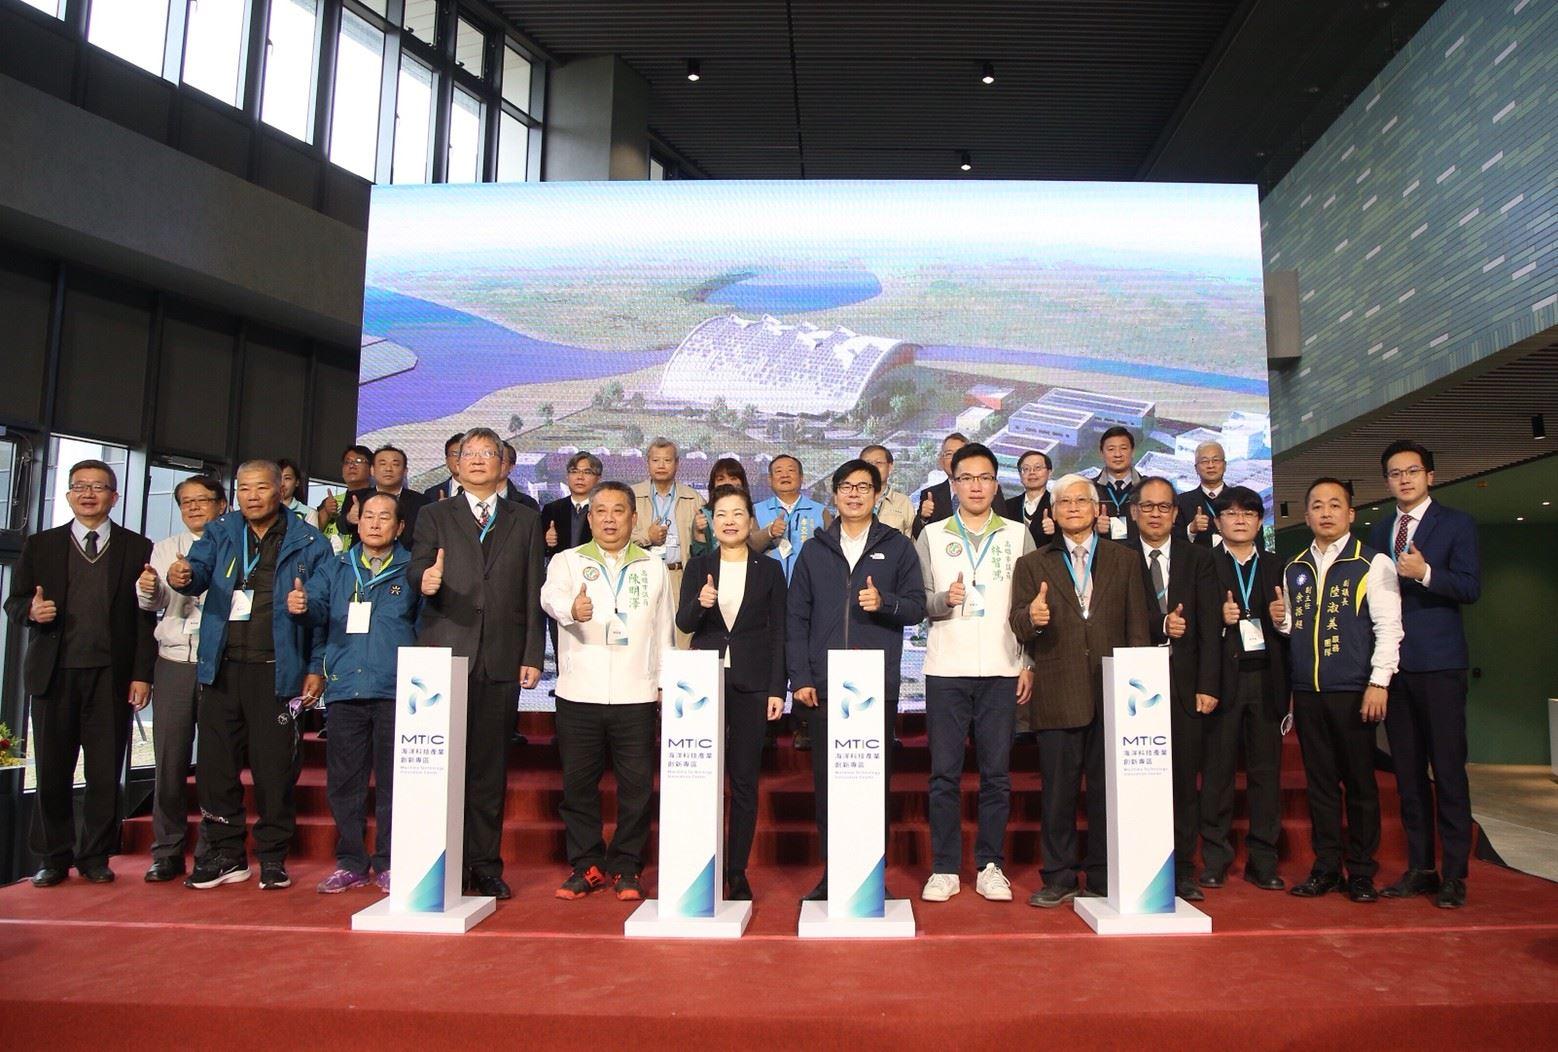 海洋科技產業創新專區啟用暨開訓典禮_210111_15.jpg